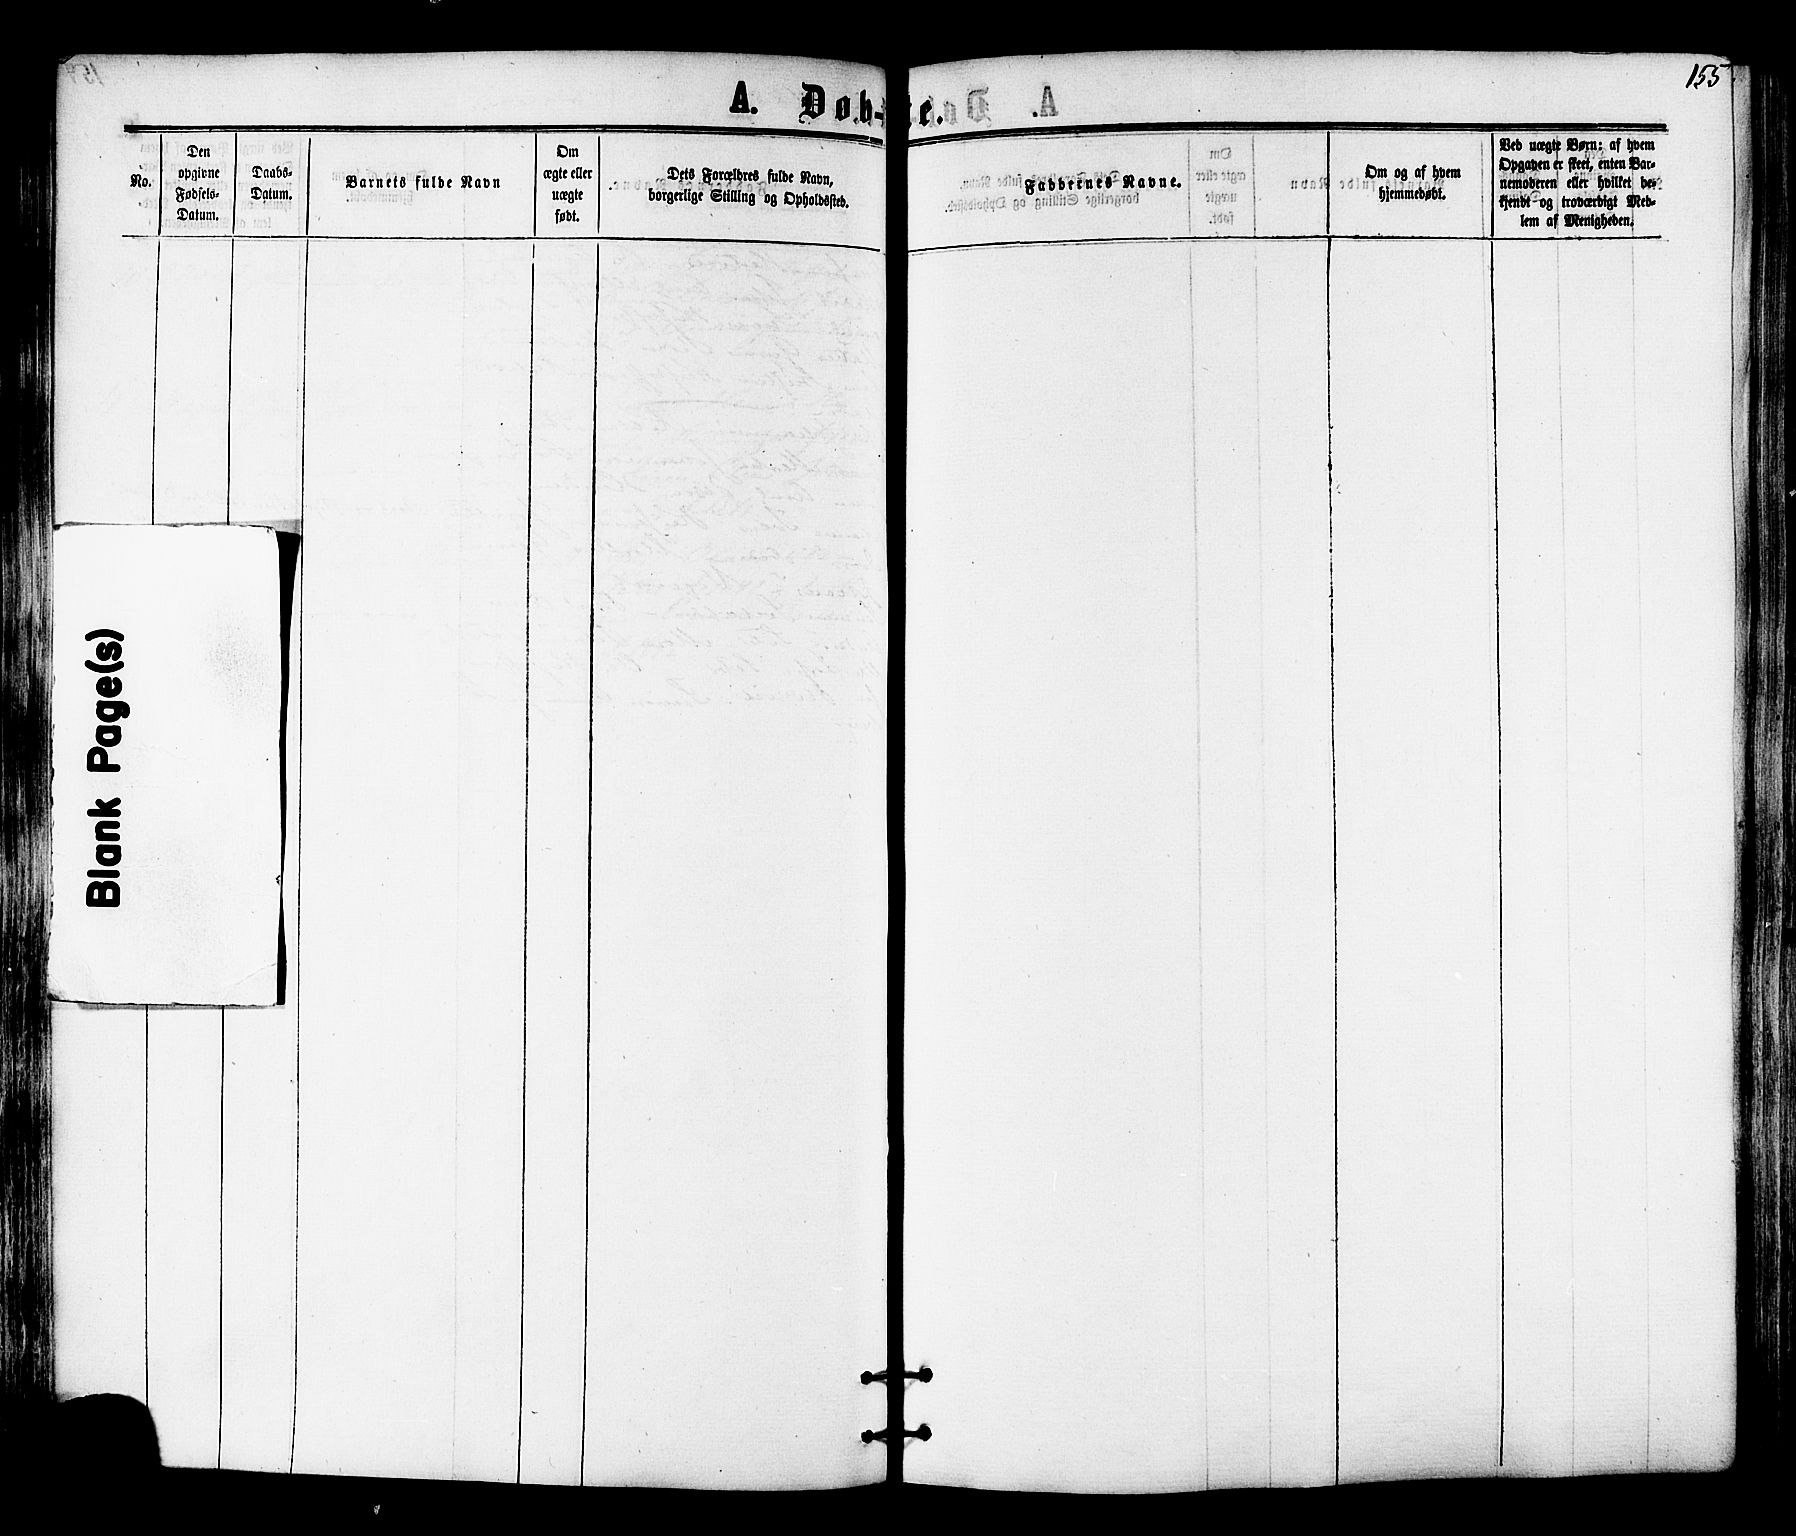 SAT, Ministerialprotokoller, klokkerbøker og fødselsregistre - Nord-Trøndelag, 701/L0009: Ministerialbok nr. 701A09 /2, 1864-1882, s. 155